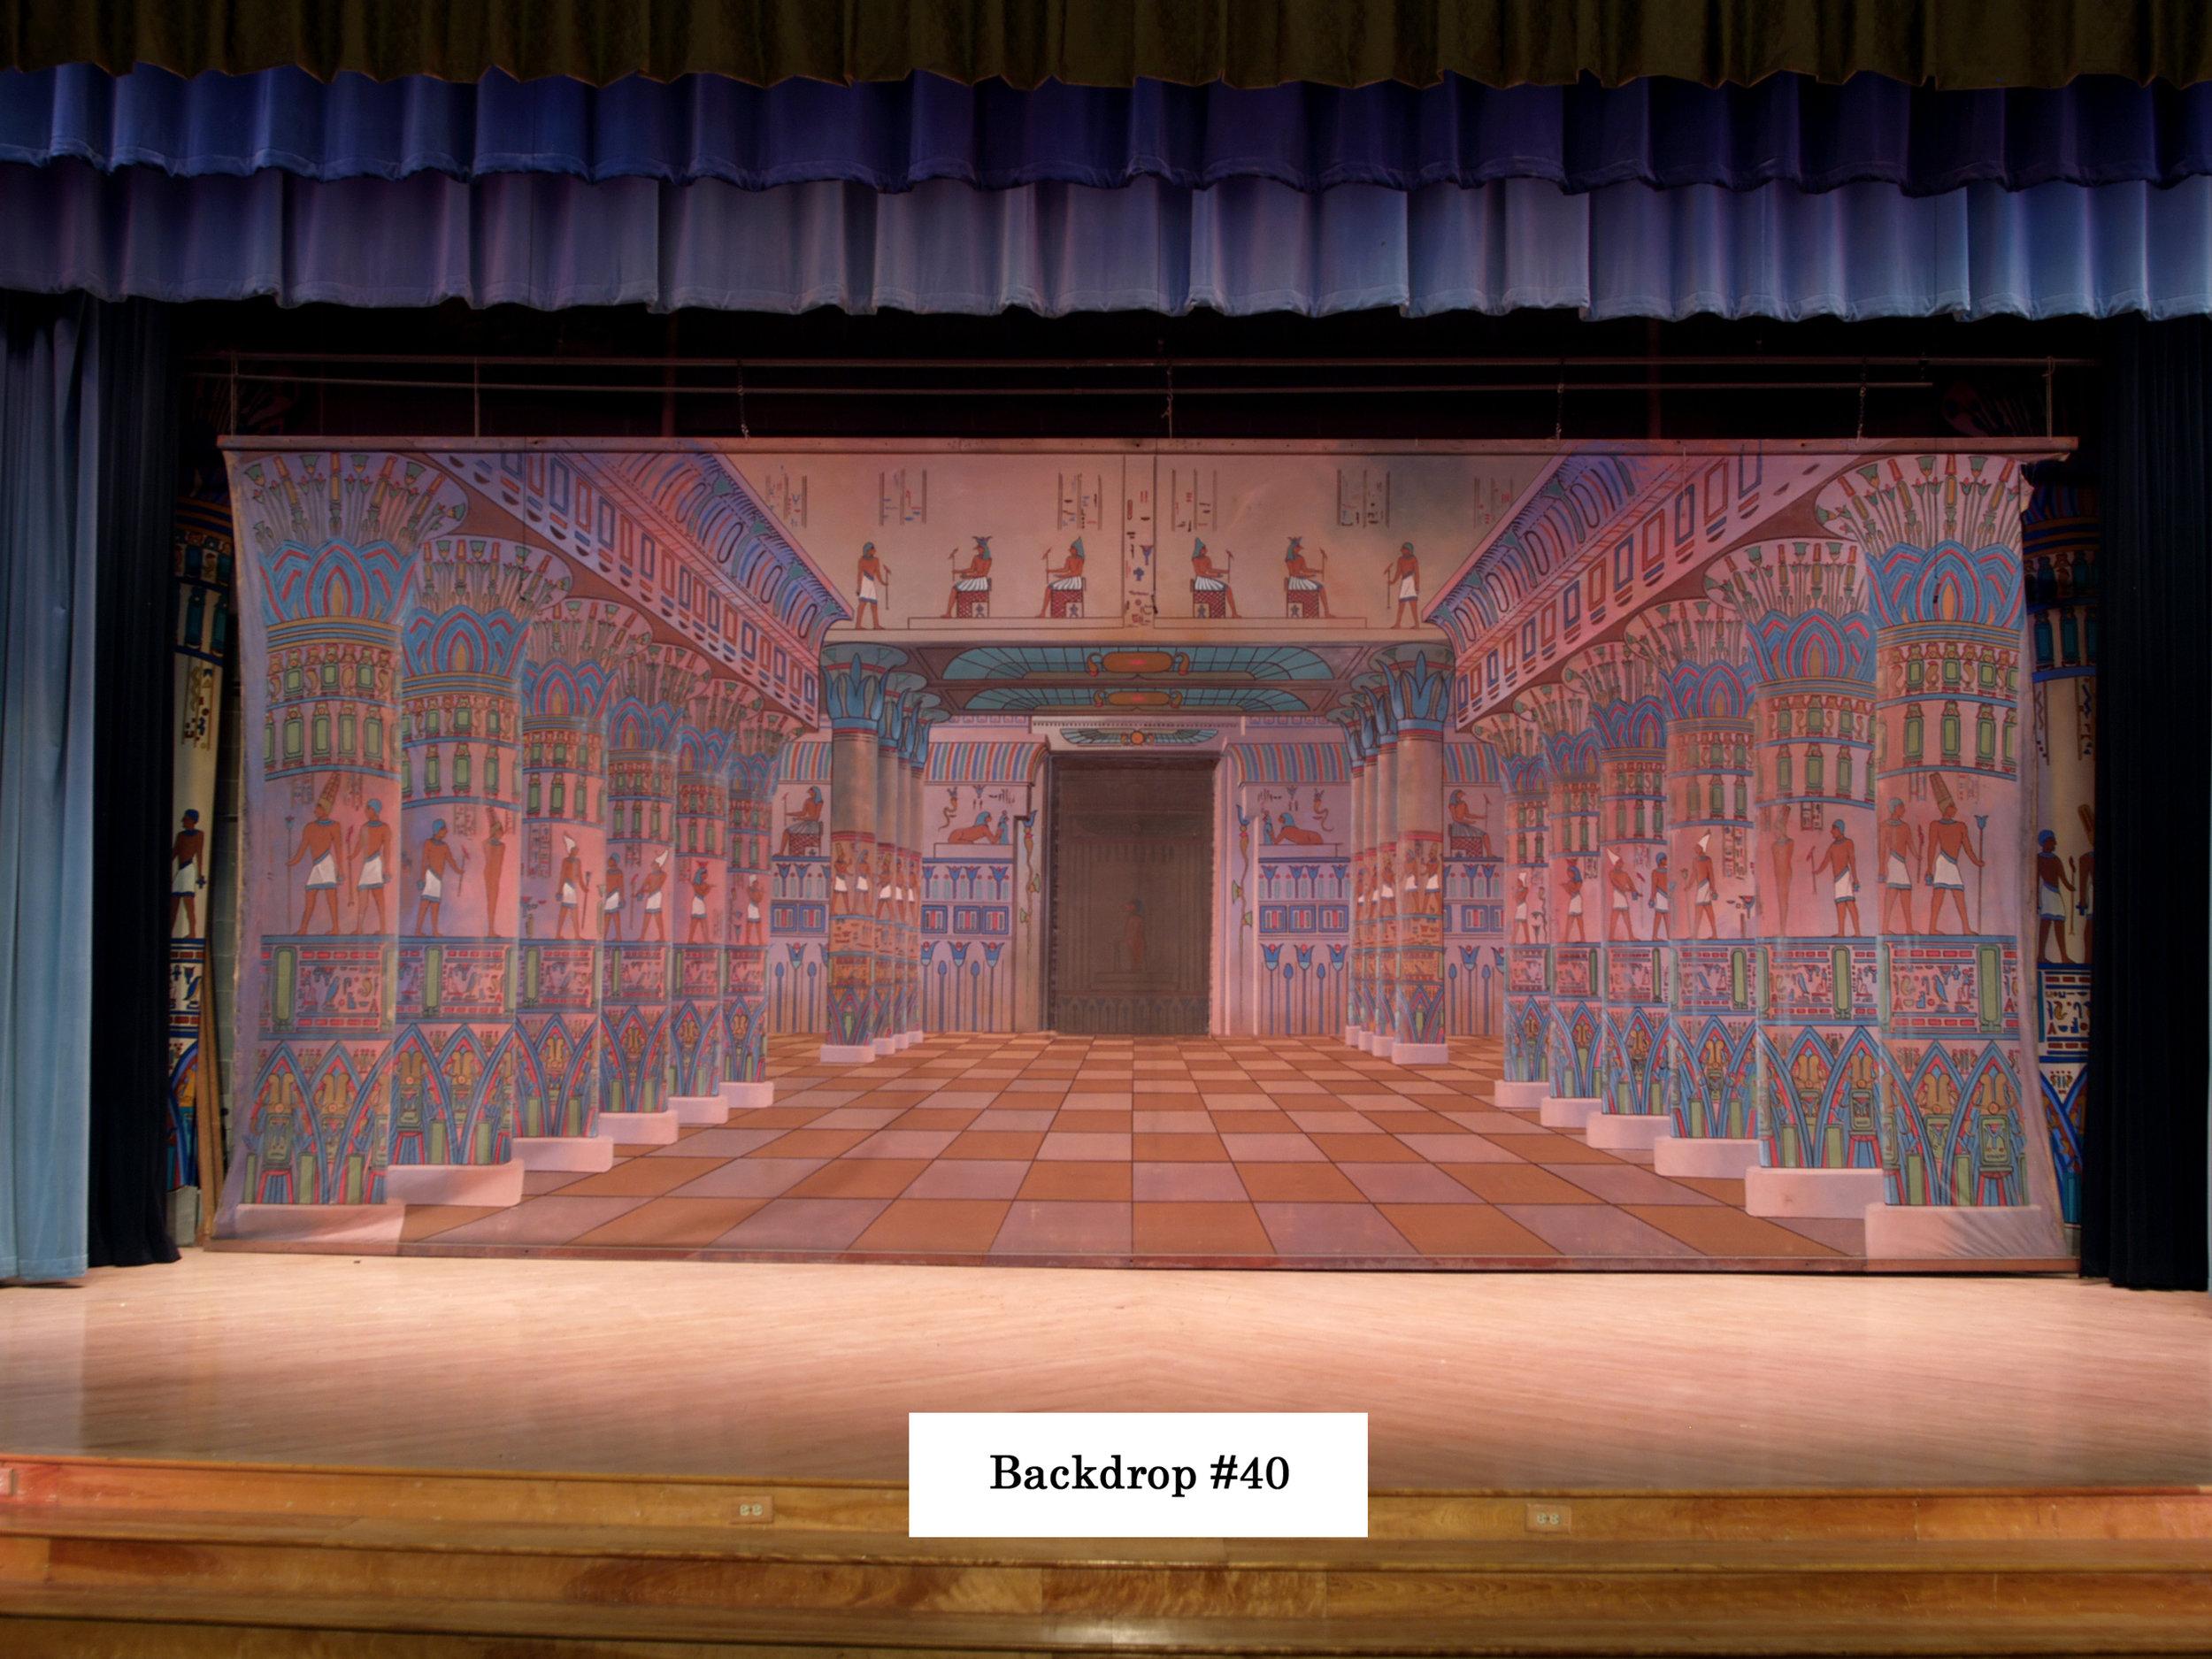 backdrop_40.jpg